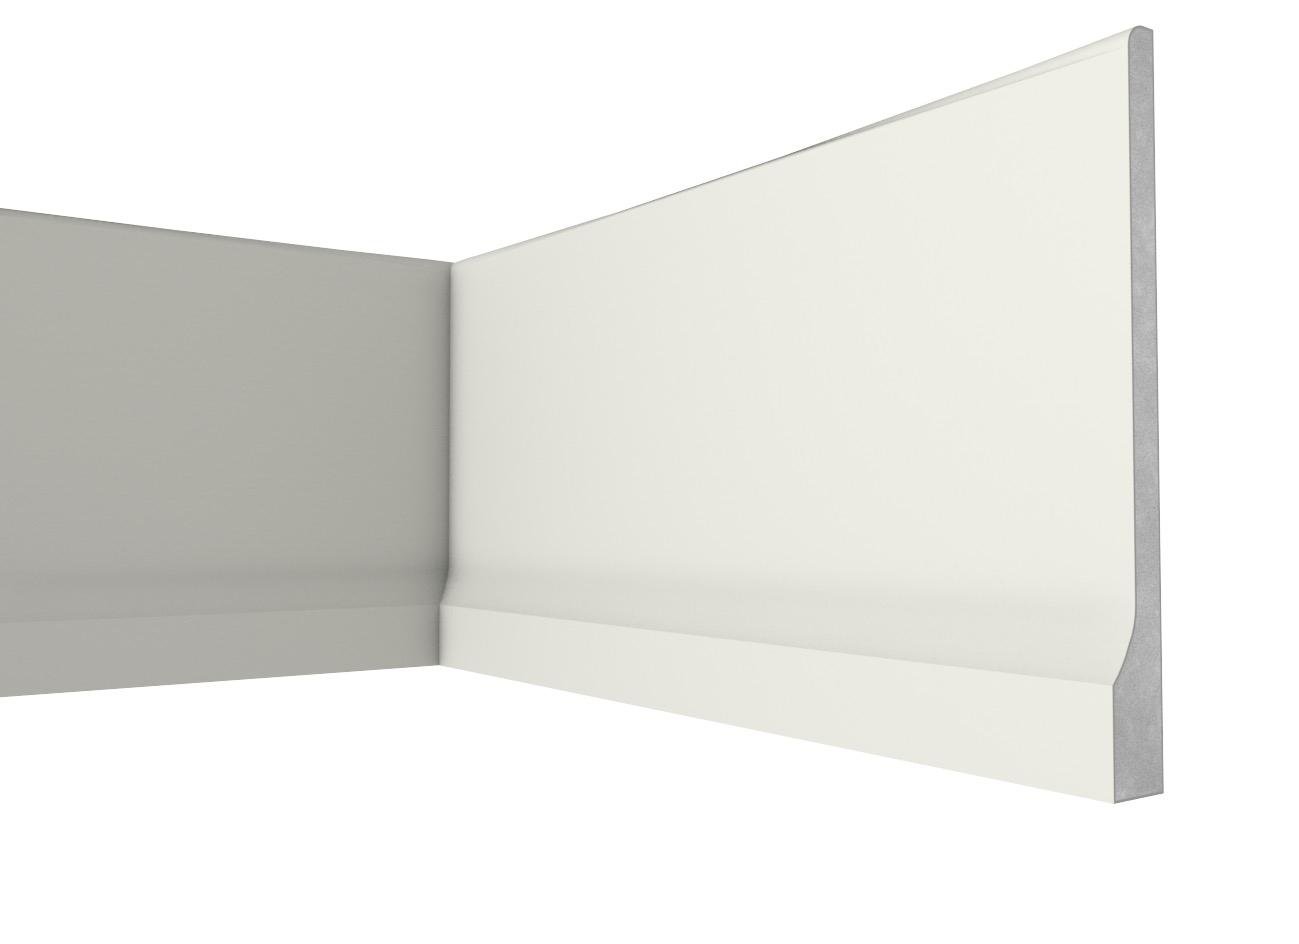 Zoccolo 50 - Zoccolo in polistirene spalmato con graniglie 200 CM. - Decorget - Ital Decori - Image 0